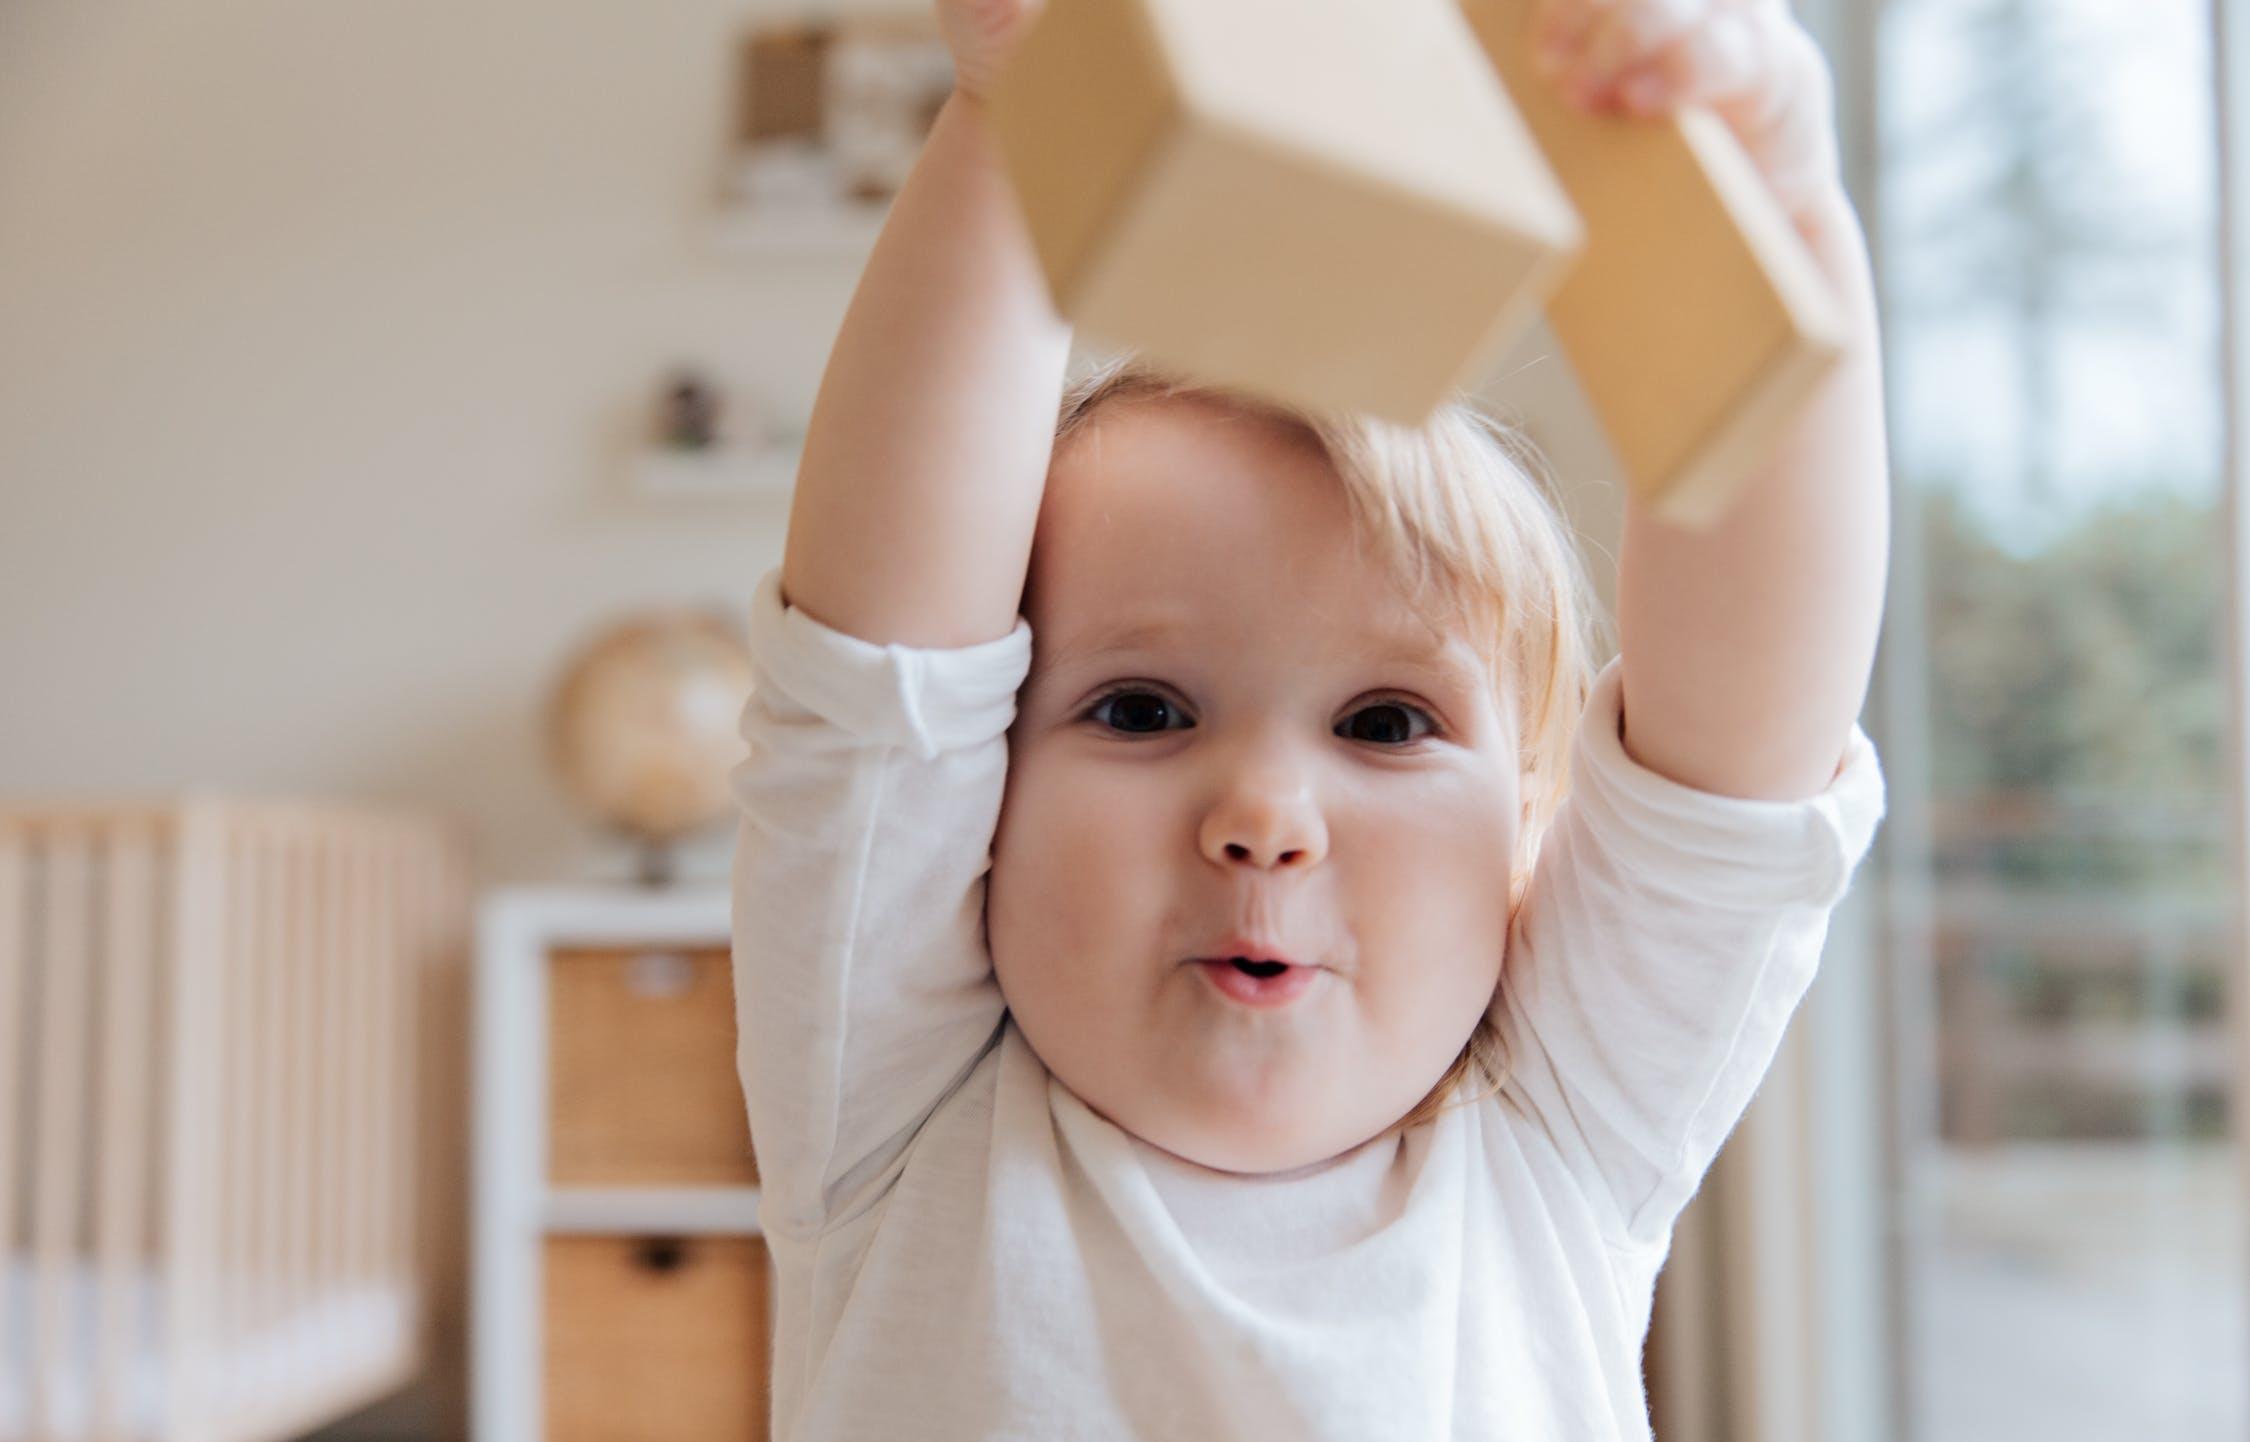 Новый суперсервис для детских пособий запустят в России - новости Афанасий